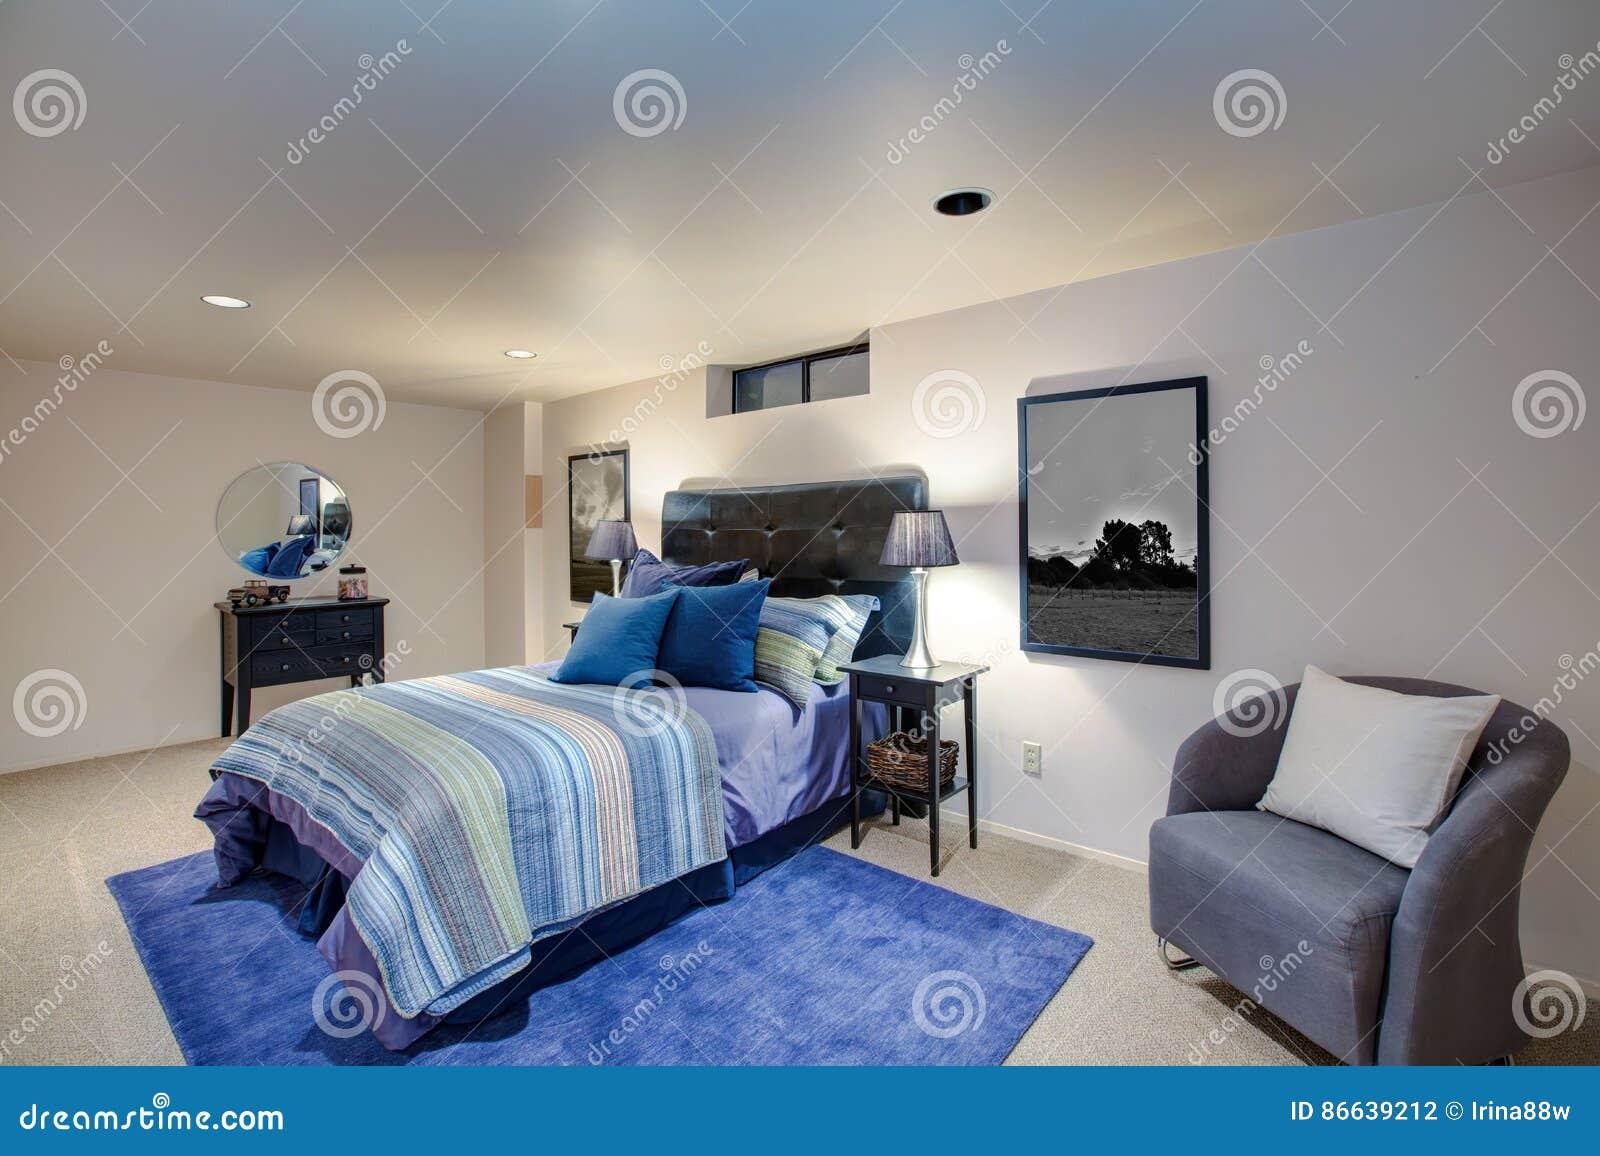 Pareti camera da letto ragazzo pareti camera da letto ragazzo la scelta giusta progettazione - Camera da letto del papa ...